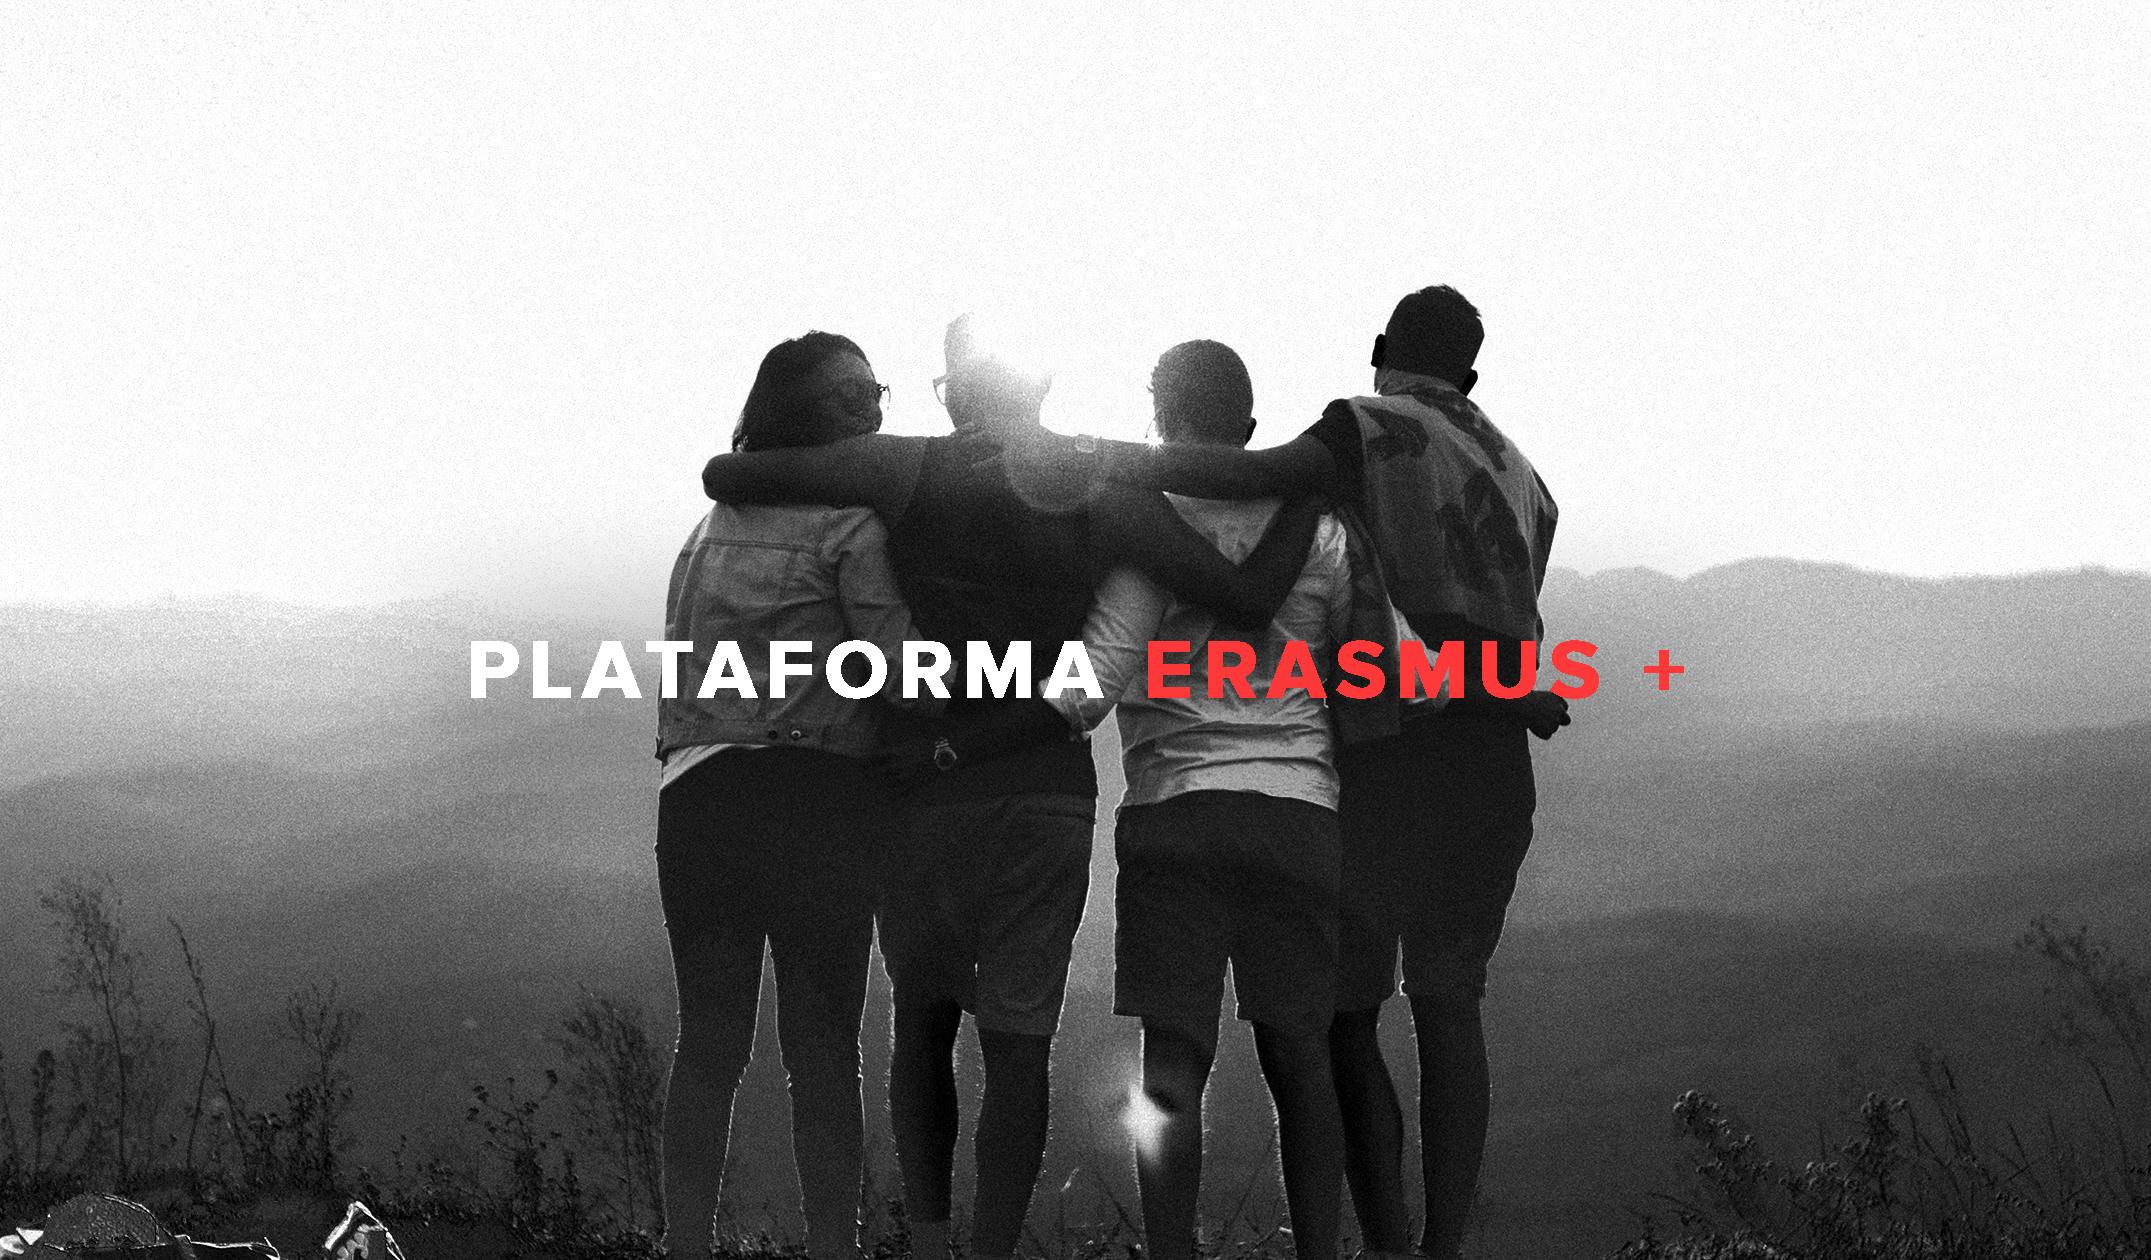 PLATAFORMA ERASMUS +   Conhece aqui o Programa ERASMUS+, uma iniciativa que te permite participa numa partilha internacional de conhecimentos e experiências essenciais para o teu progresso científico, médico e humano.